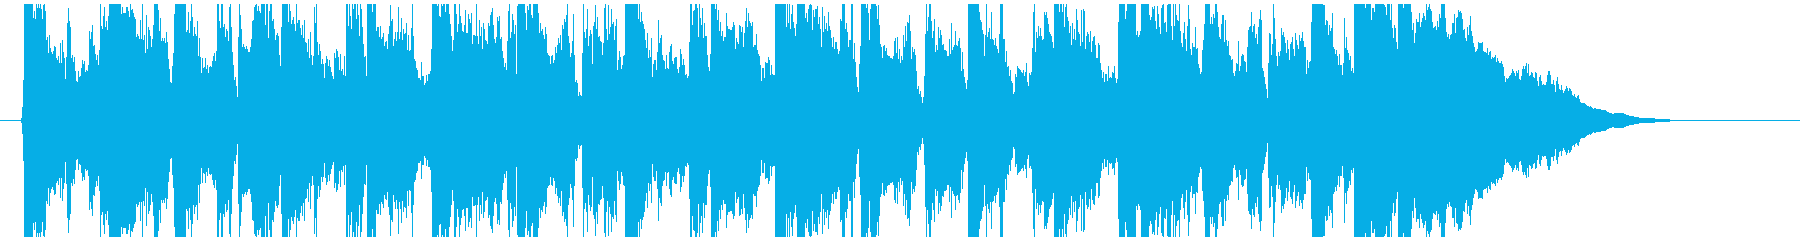 フィドルとアコギが軽快なアコースティックの再生済みの波形